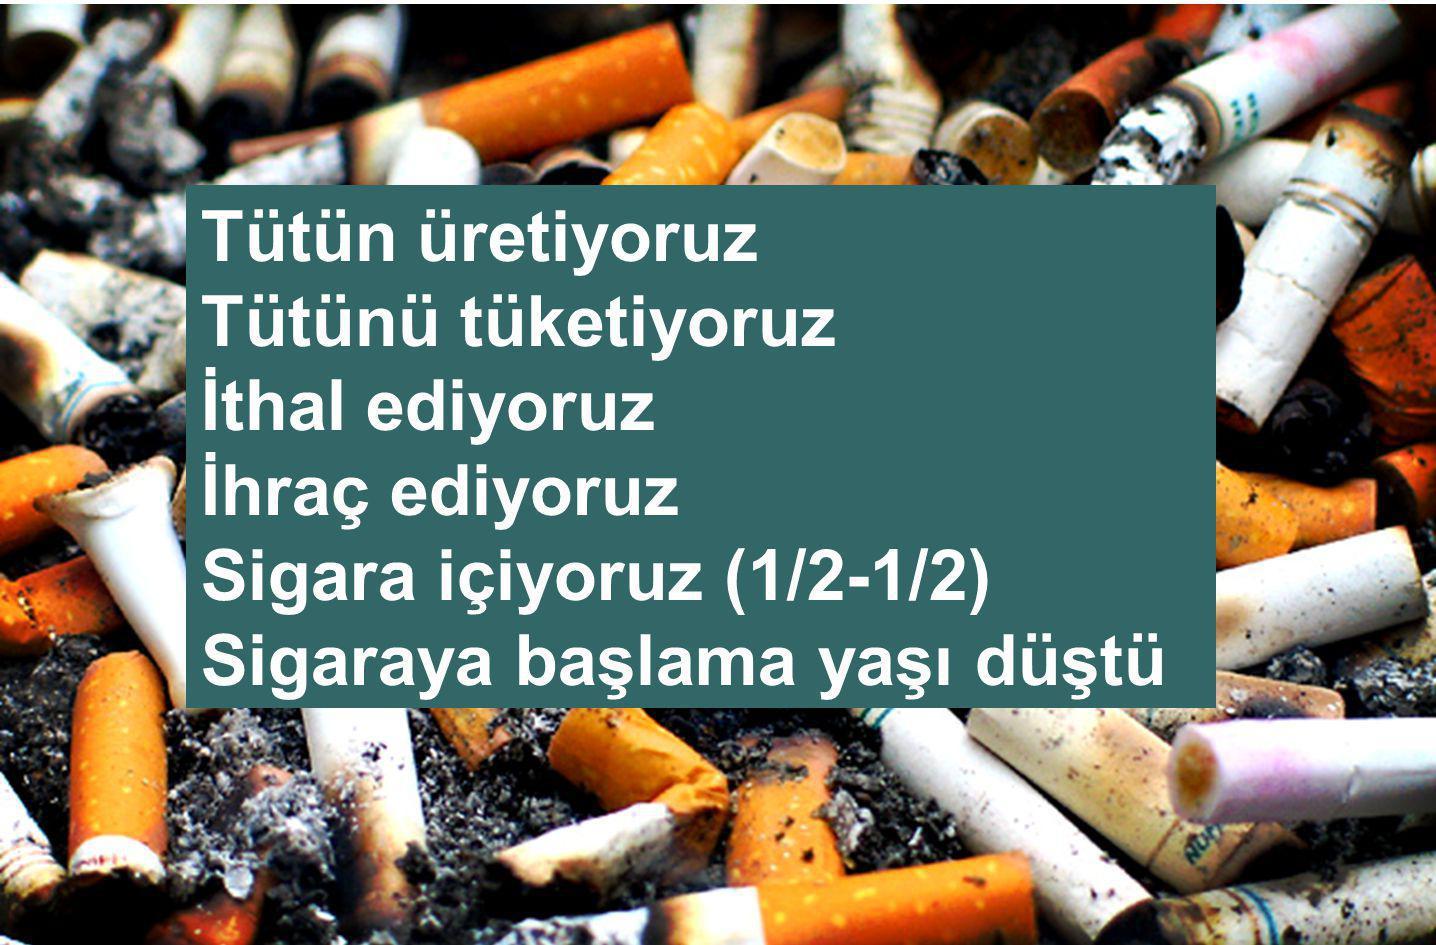 Tütün üretiyoruz Tütünü tüketiyoruz. İthal ediyoruz.